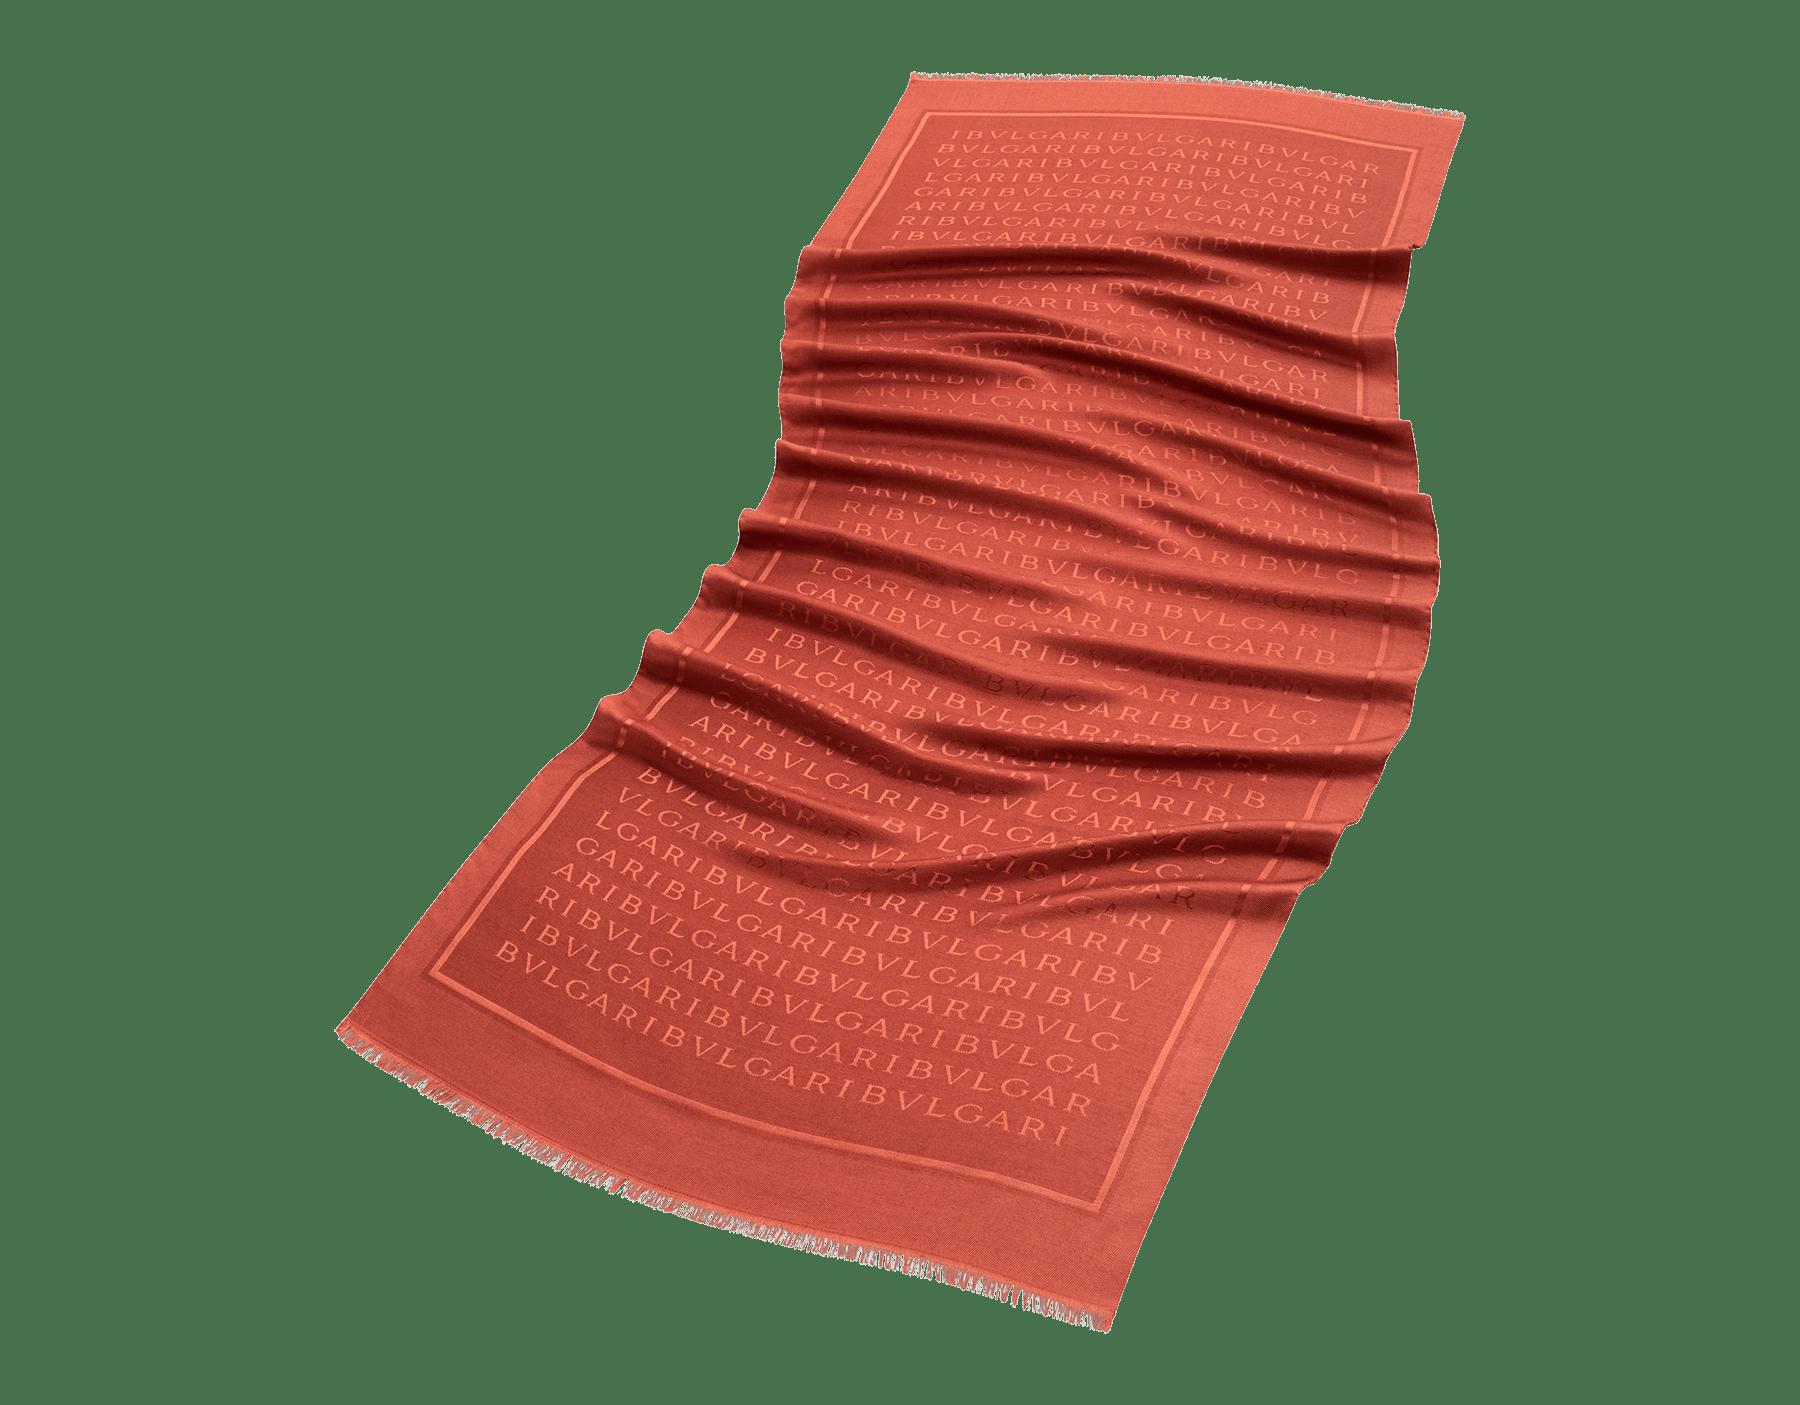 Étole Lettere Maxi couleur Imperial Topaz en laine et soie fine. 244067 image 1